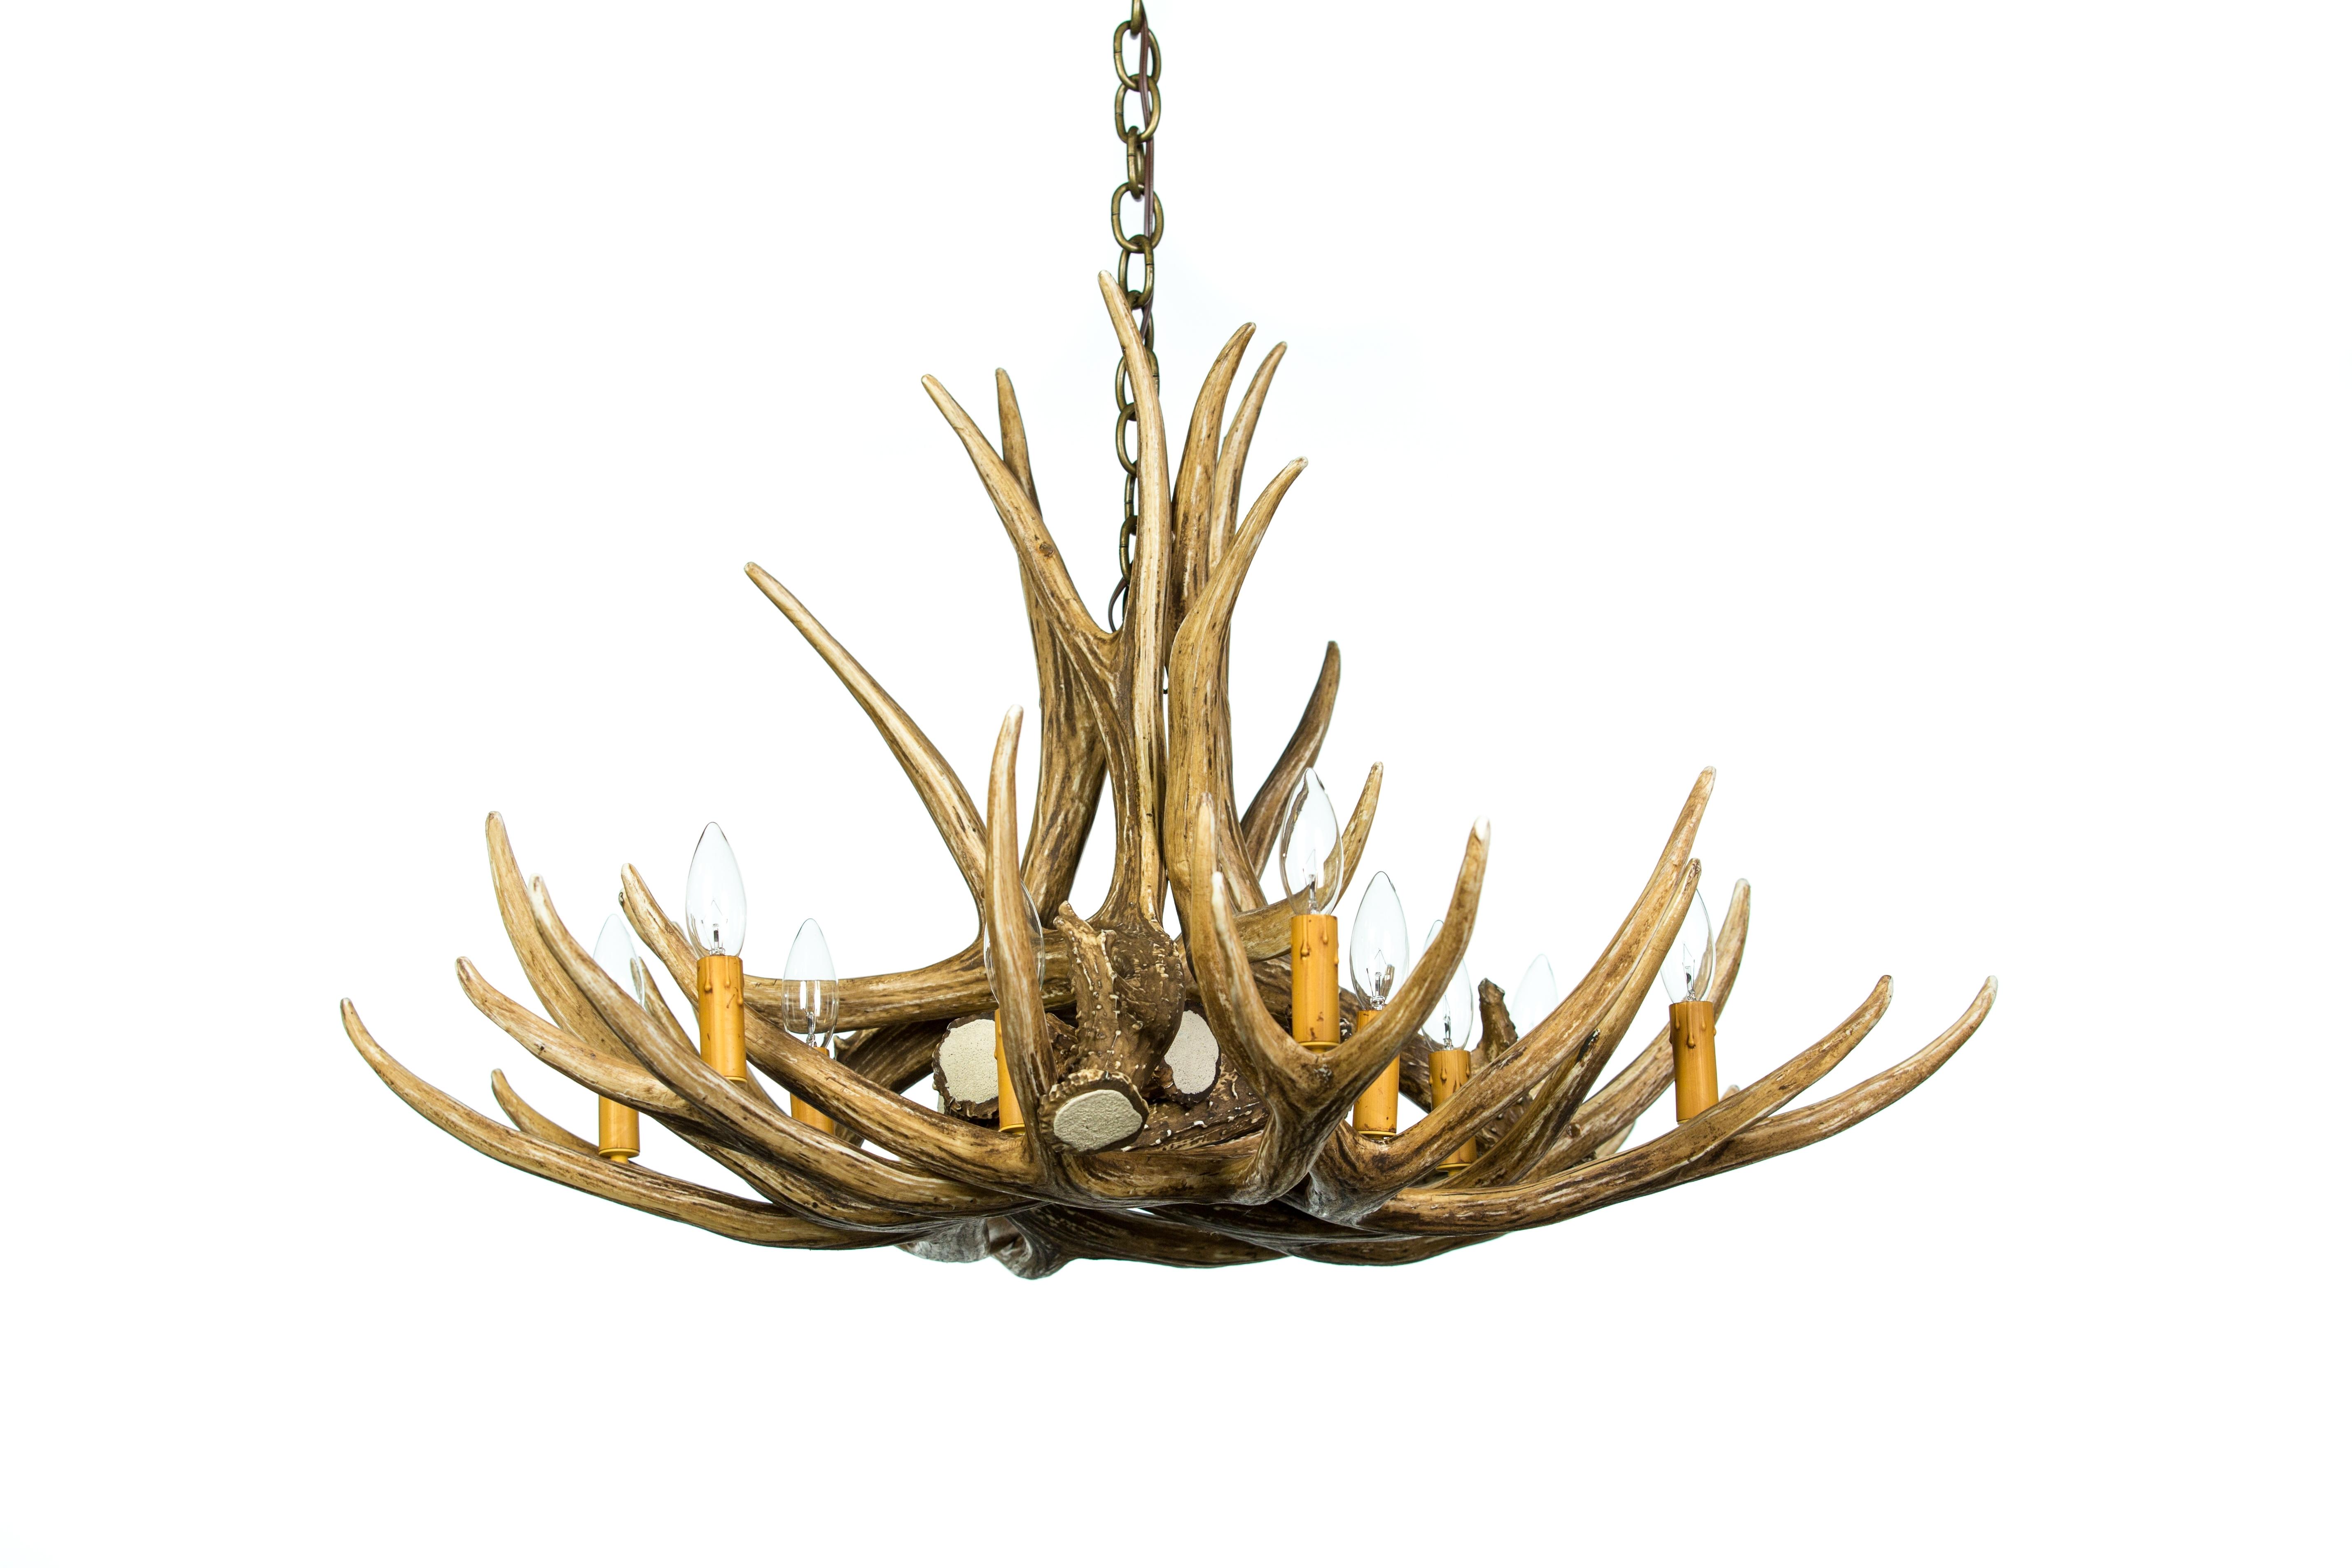 Cast Horn Designs Regarding Antlers Chandeliers (View 2 of 15)